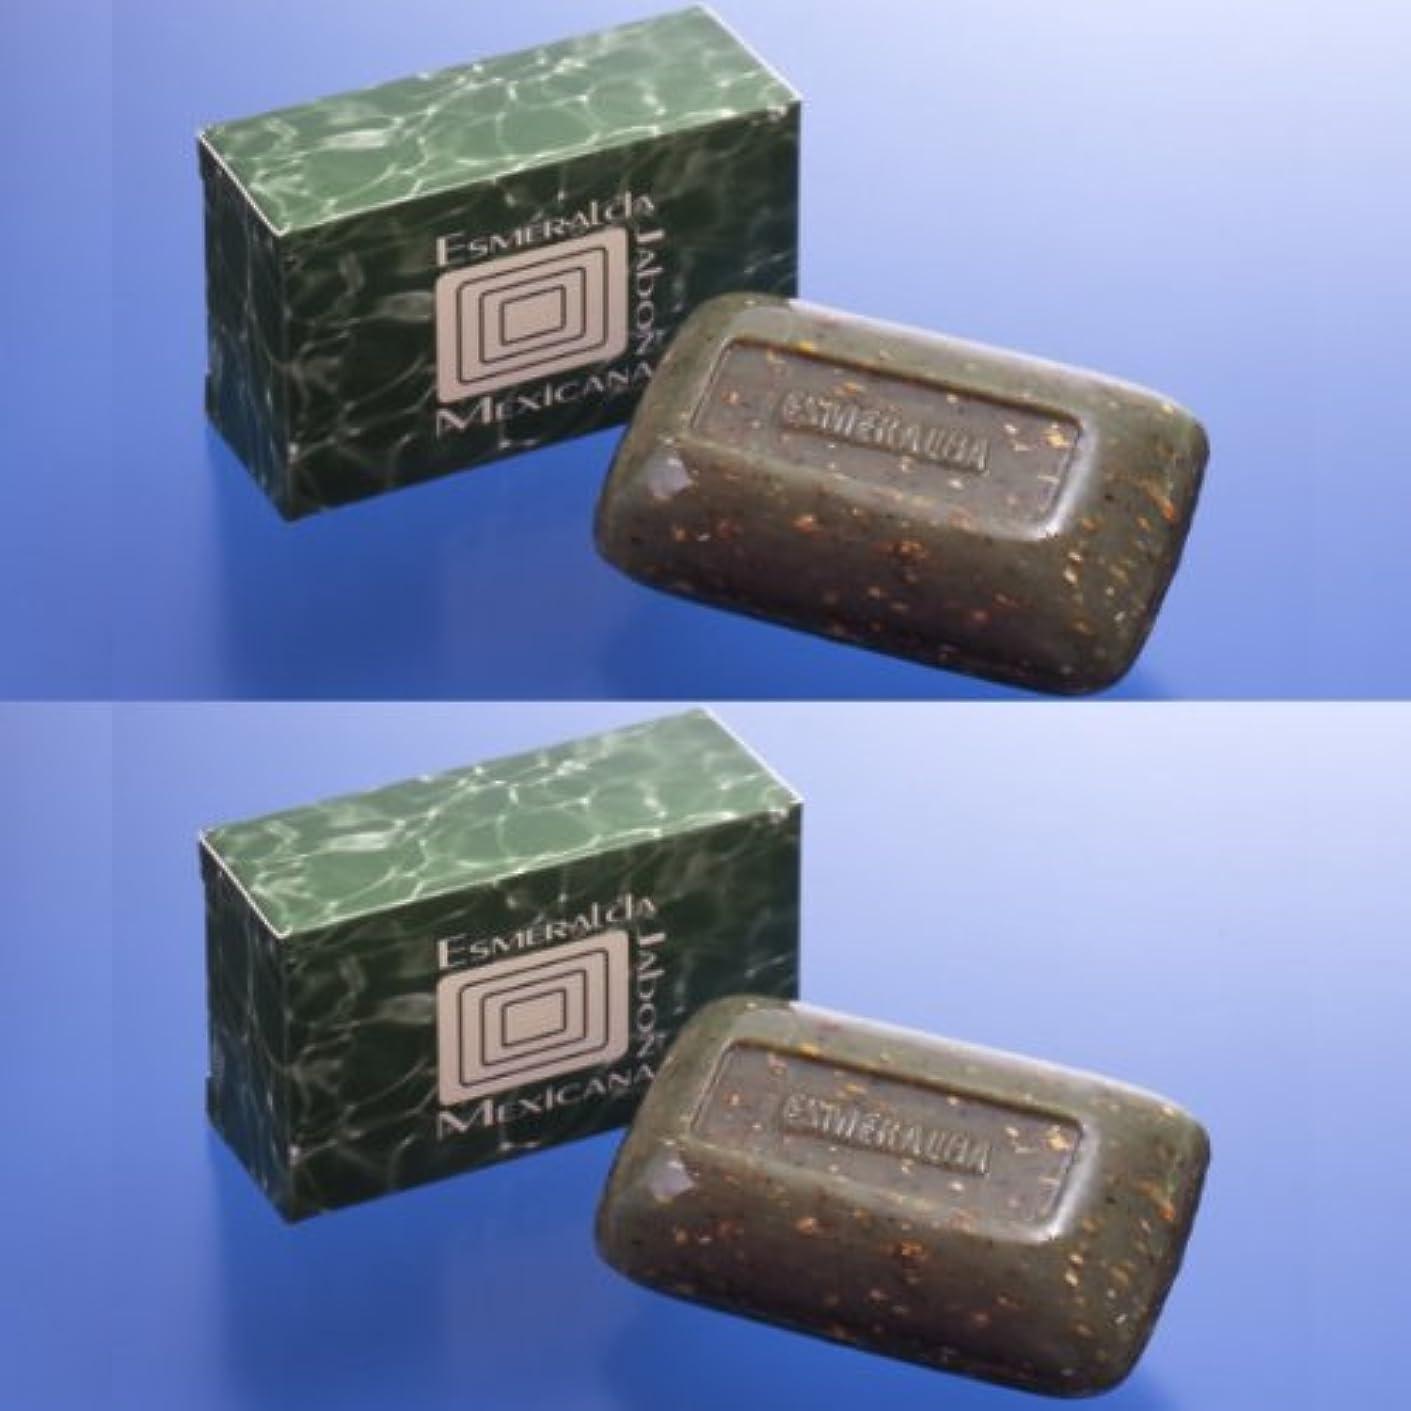 リラックスした動揺させる障害者メキシコで大人気のシミ取り石鹸『エスメラルダ?ハボン?メキシカーナ2個組』